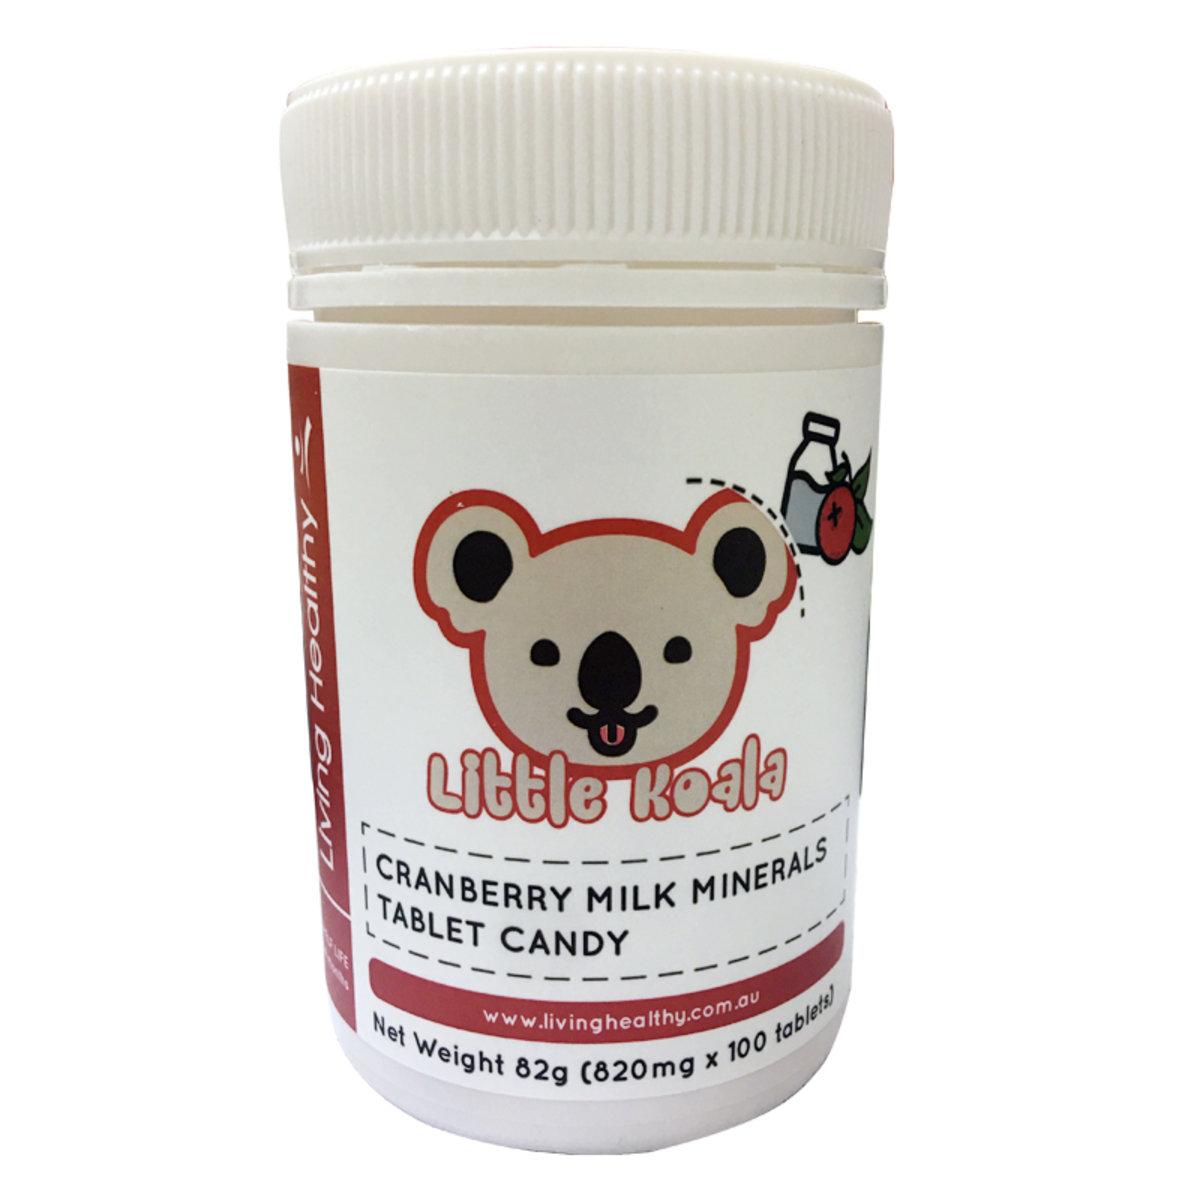 (到期日:2020/09/30)蔓越莓牛奶鈣片 100粒 (40-50日)